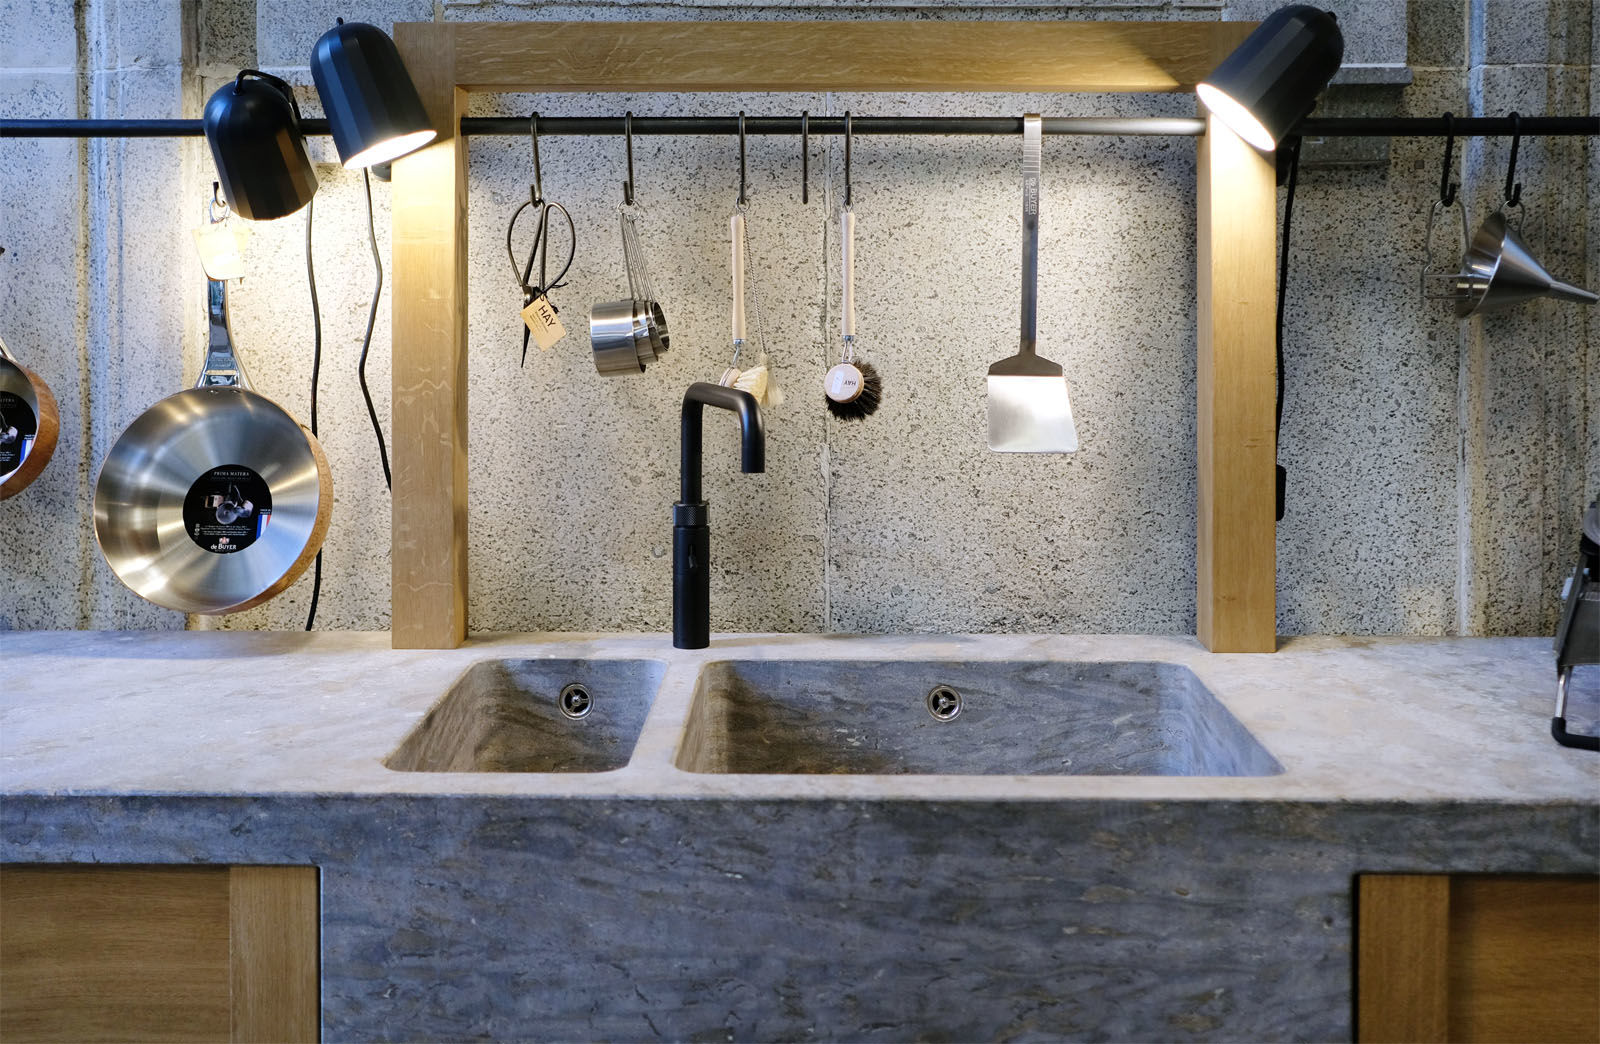 Outdoor Küche Aus Altem Holz : Stein holz stahl u2013 küchen für drinnen und draußen am s bahnhof